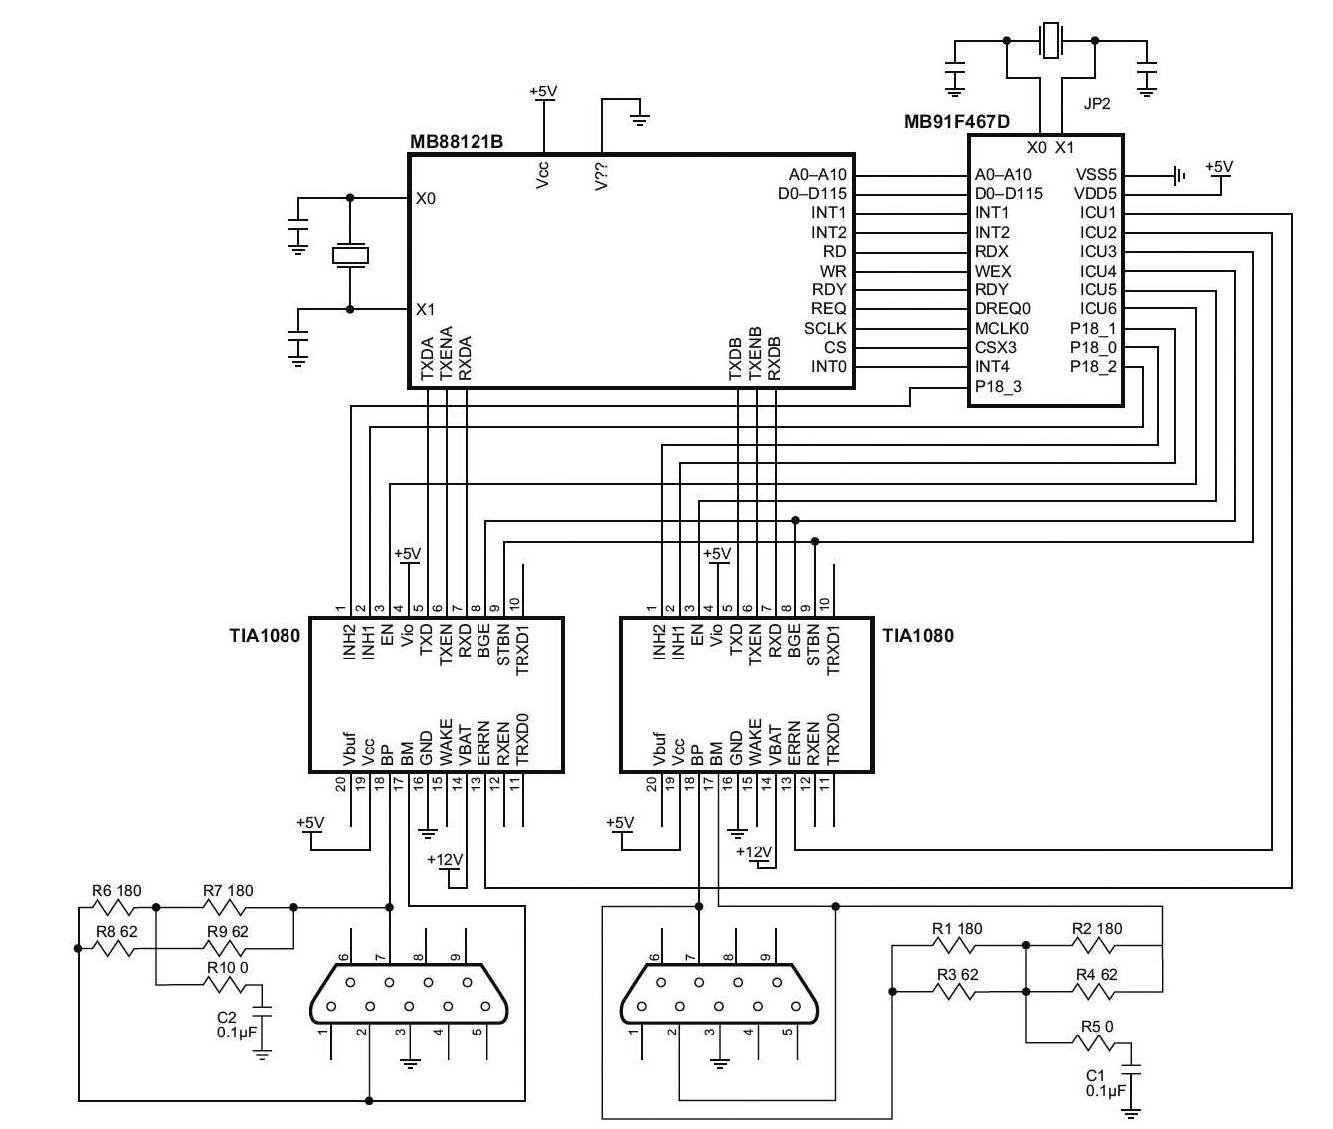 Figura 8: schematico di un semplice ed economico nodo FlexRay utilizzando il micro MCU MB91F467D e il controller FlexRay MB88121B.